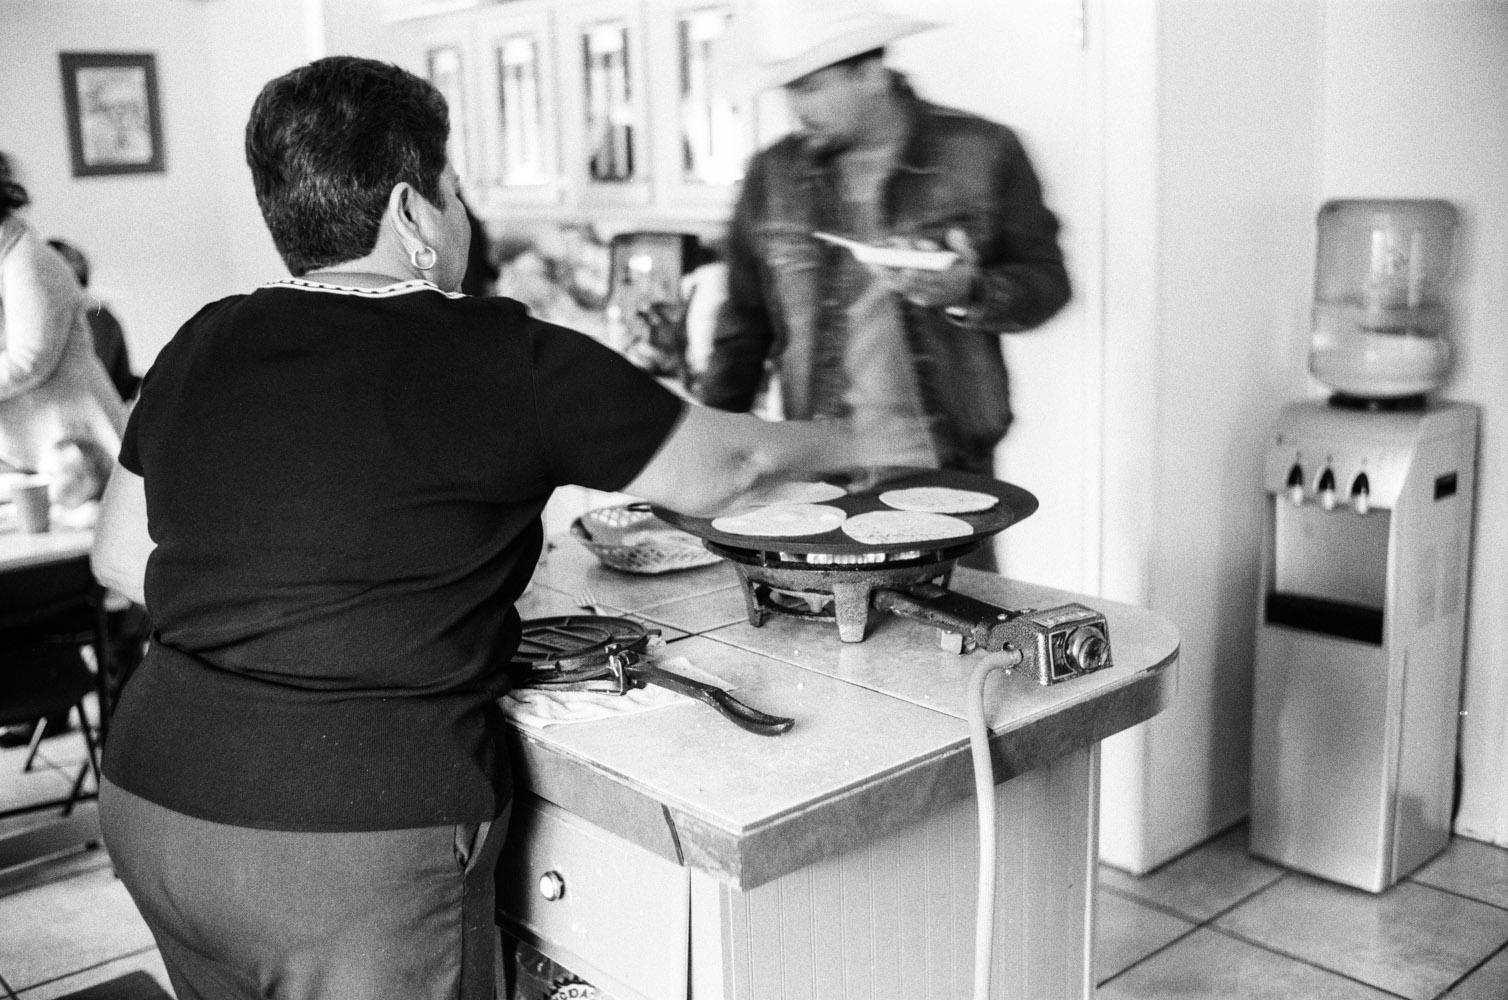 chela_making_tortillas_3.jpg